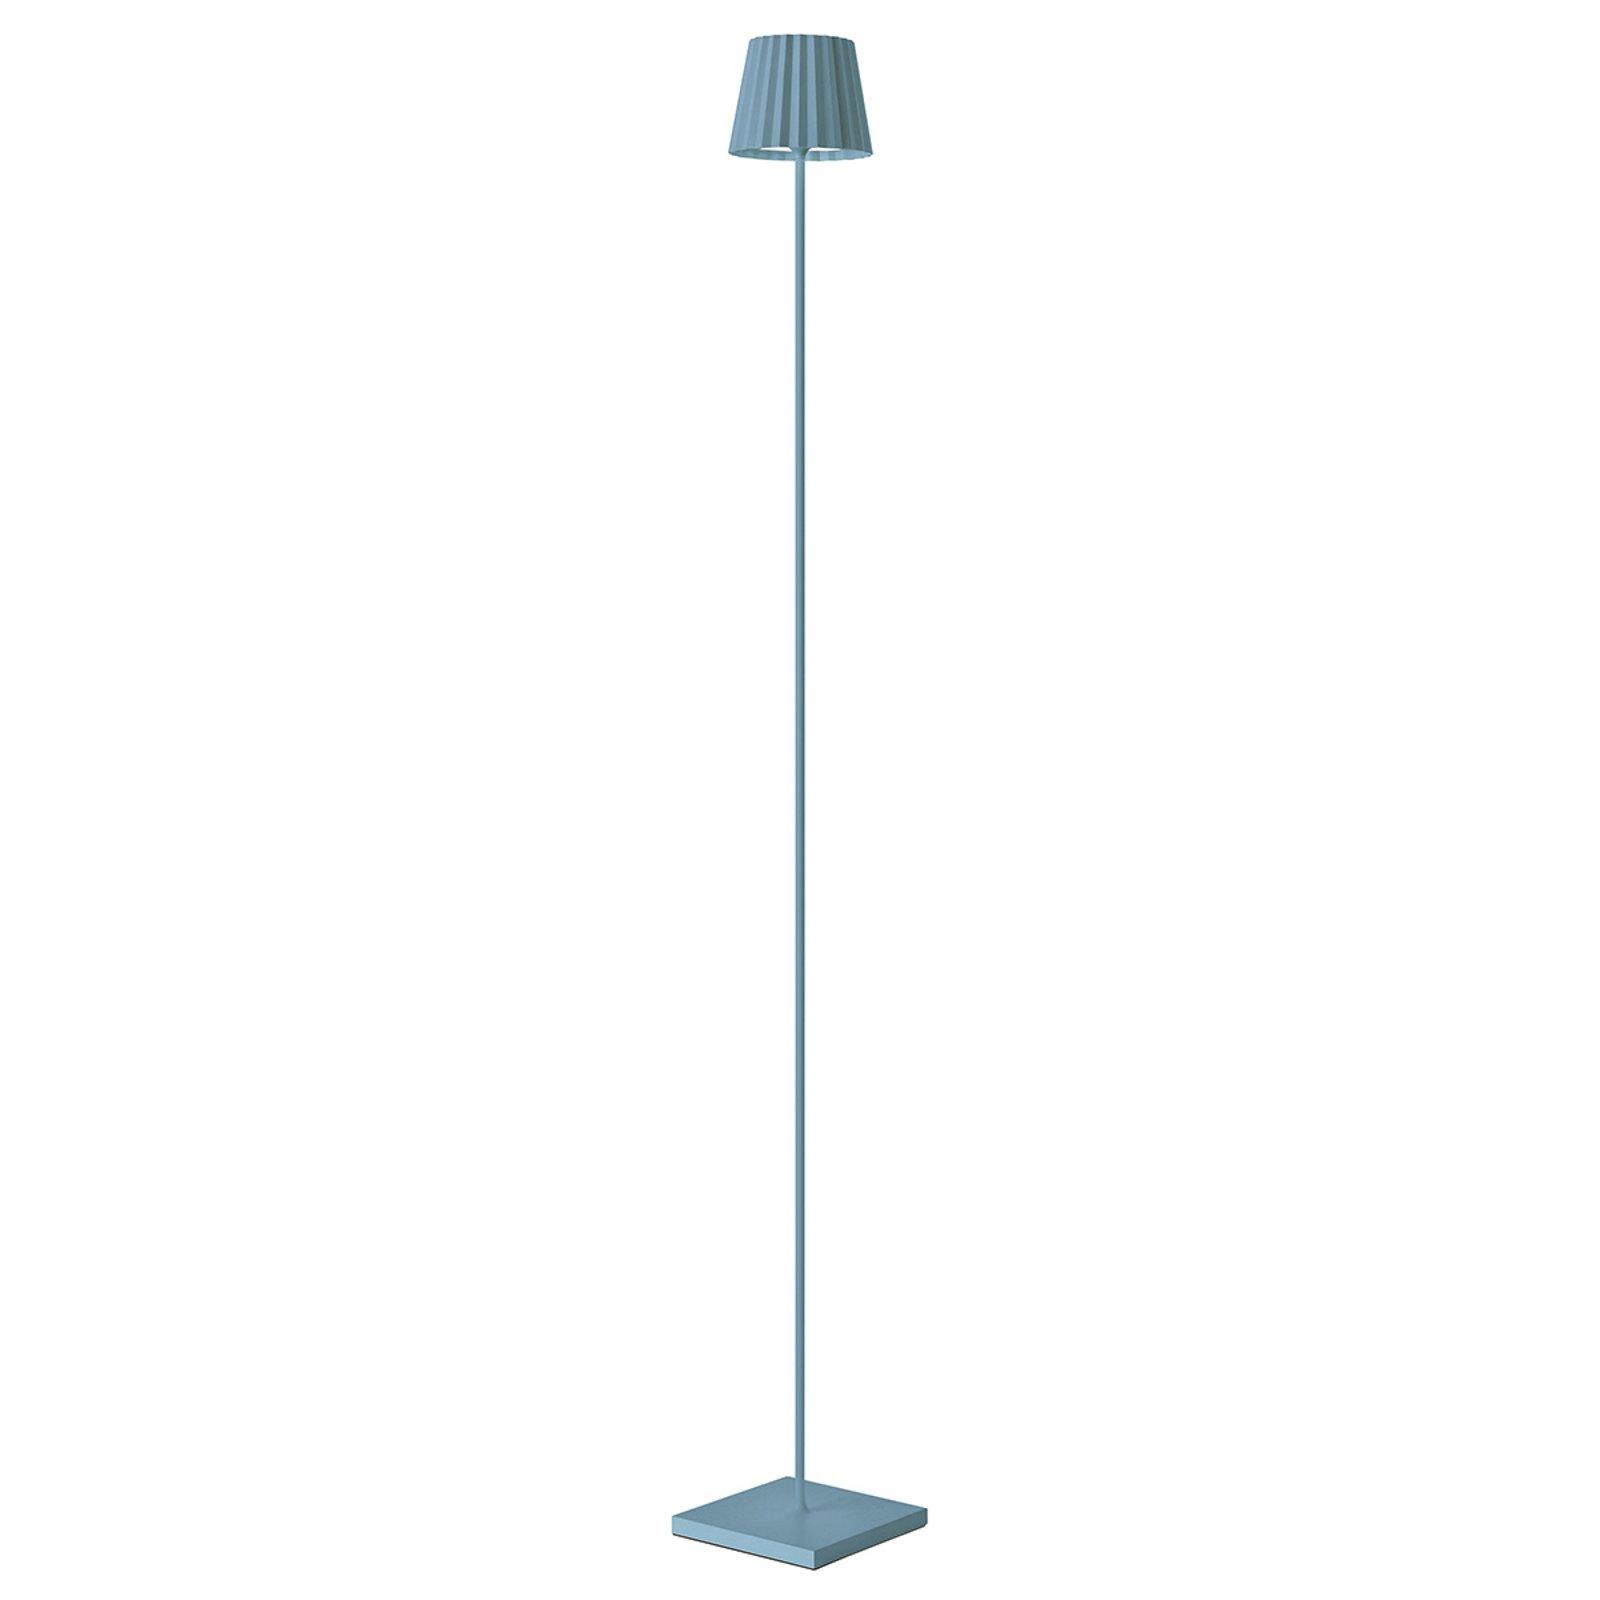 LED-gulvlampe Troll for utebruk, blå